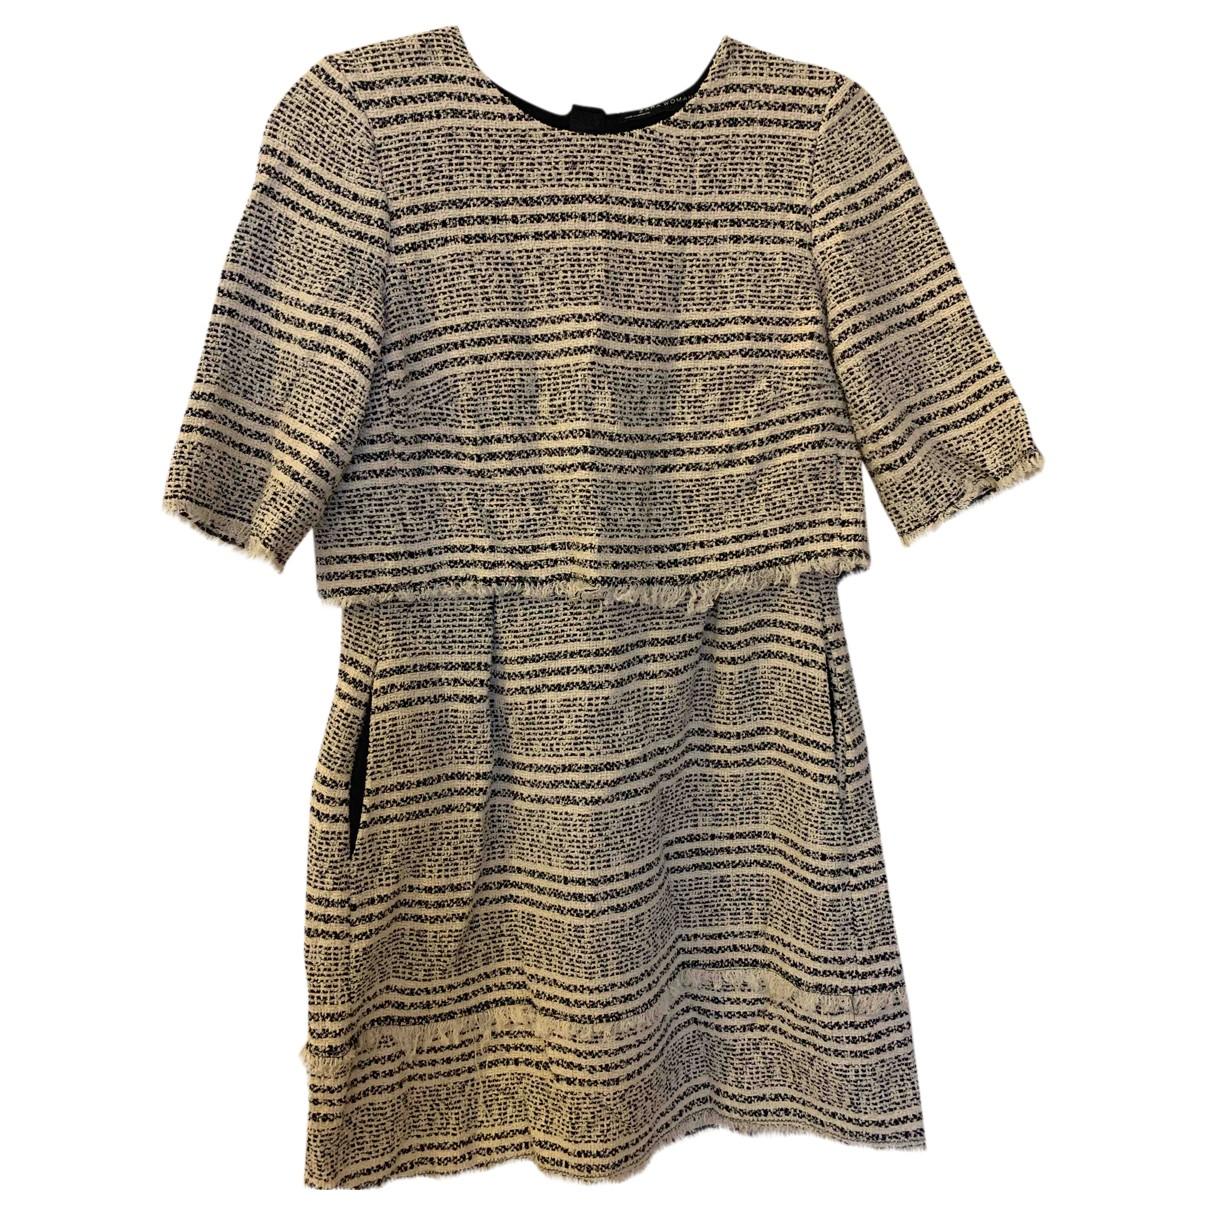 Zara \N Kleid in  Bunt Tweed